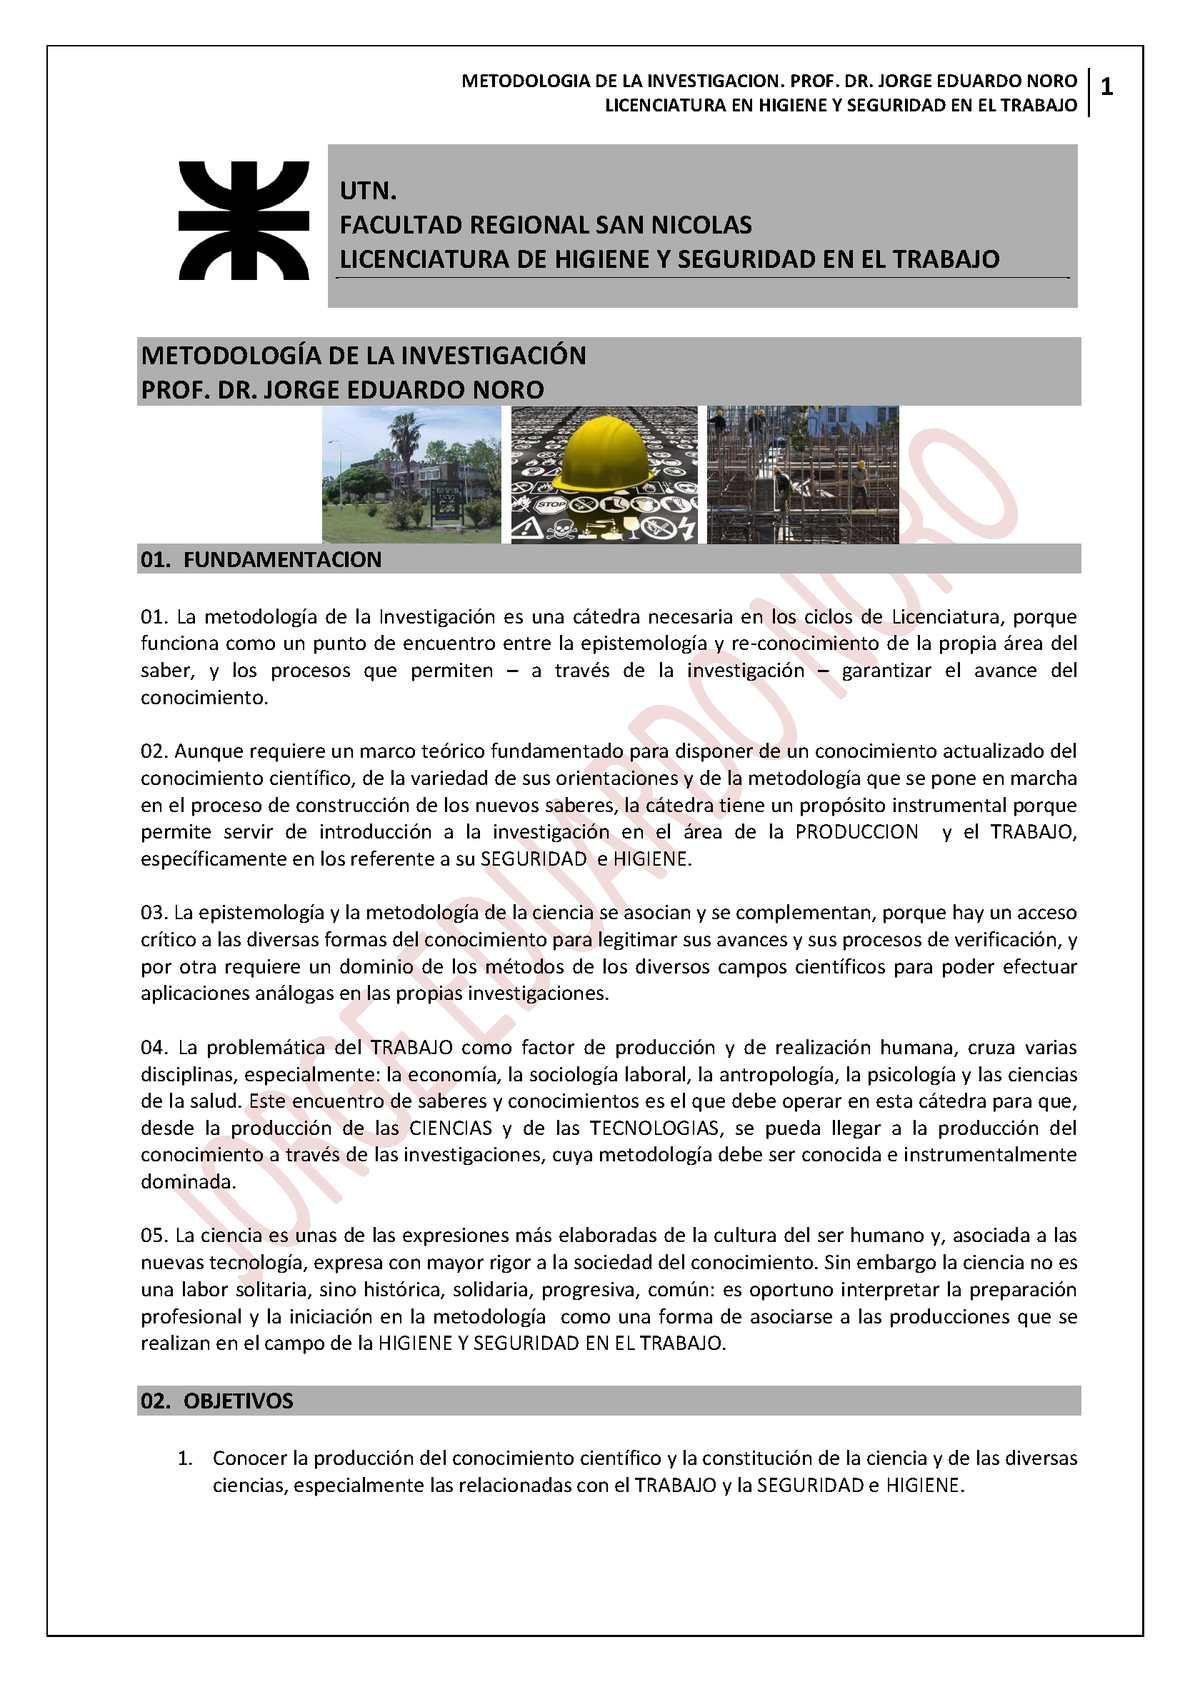 Calaméo - 117. CIENCIA Y METODOLOGIA DE LA INVESTIGACION. LICENCIATURA